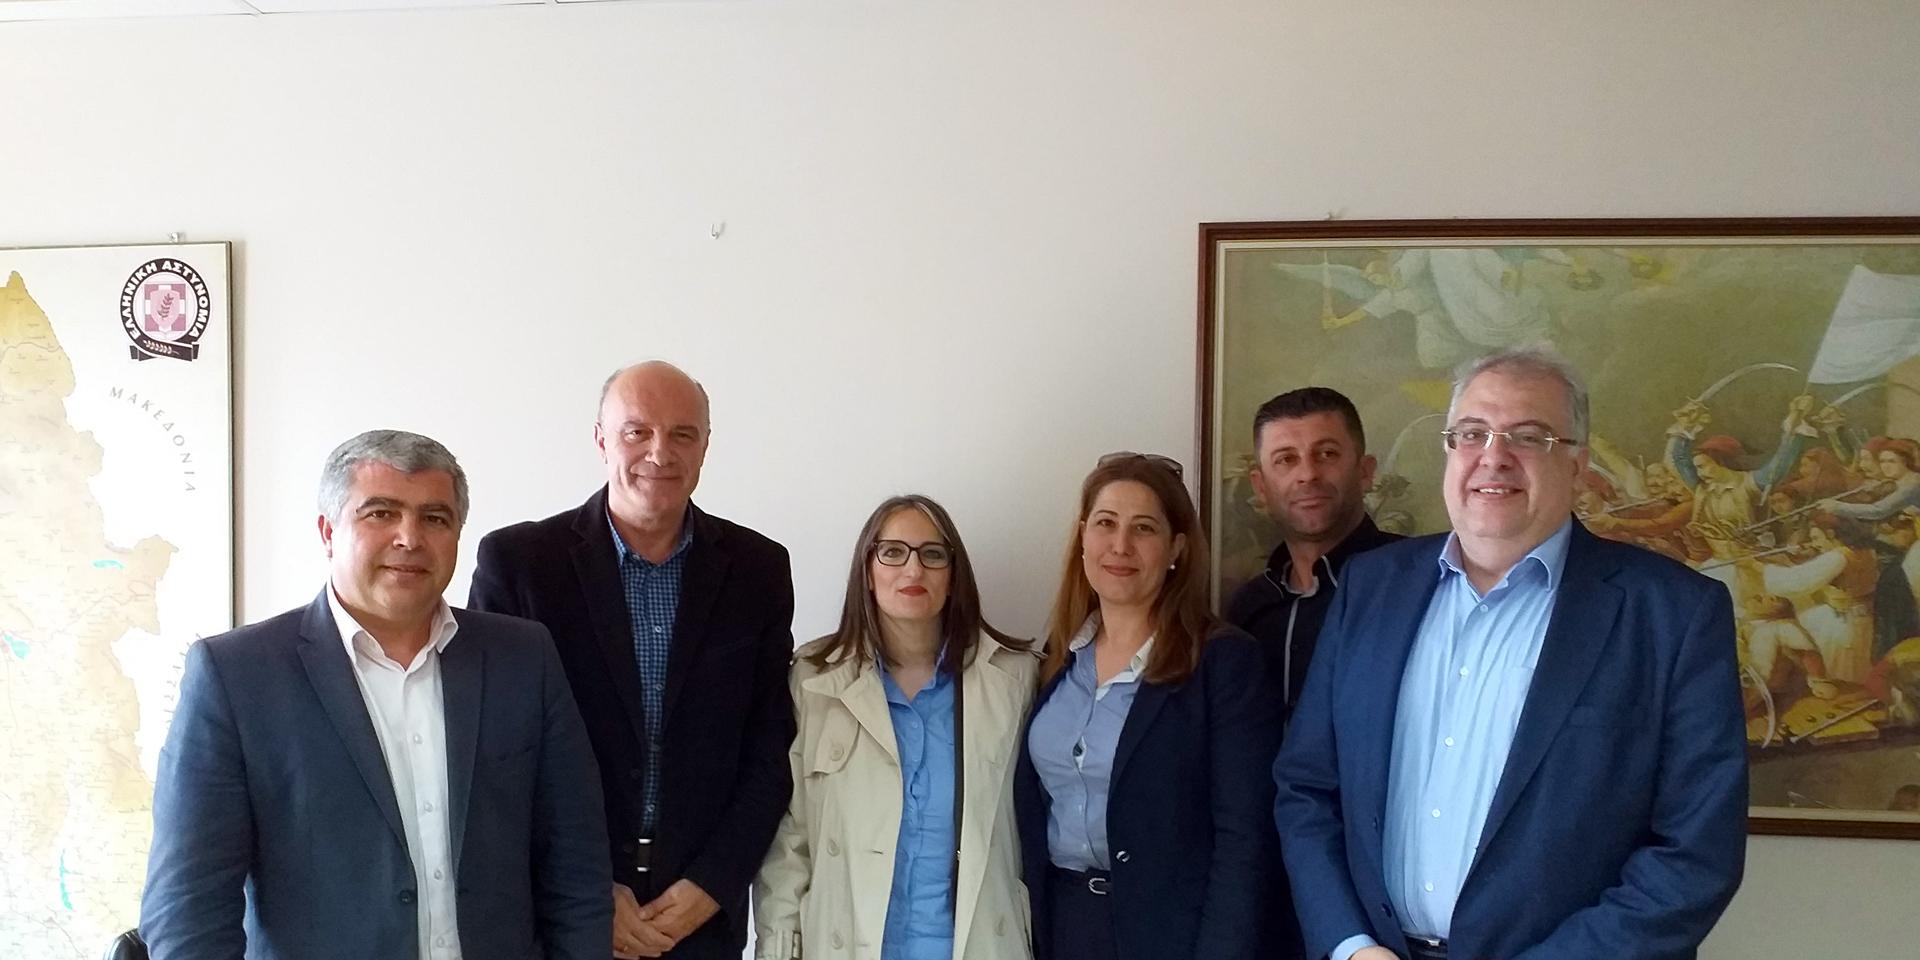 Επίσκεψη ενημέρωσης του Υπ. Δημάρχου κ. Νίκου Γεωργάκου στη Διεύθυνση Αστυνομίας Πρέβεζας συνοδεία υποψηφίων του συνδυασμού «ΔΗΜΟΣ ΤΗΣ ΚΑΡΔΙΑΣ ΜΑΣ!»